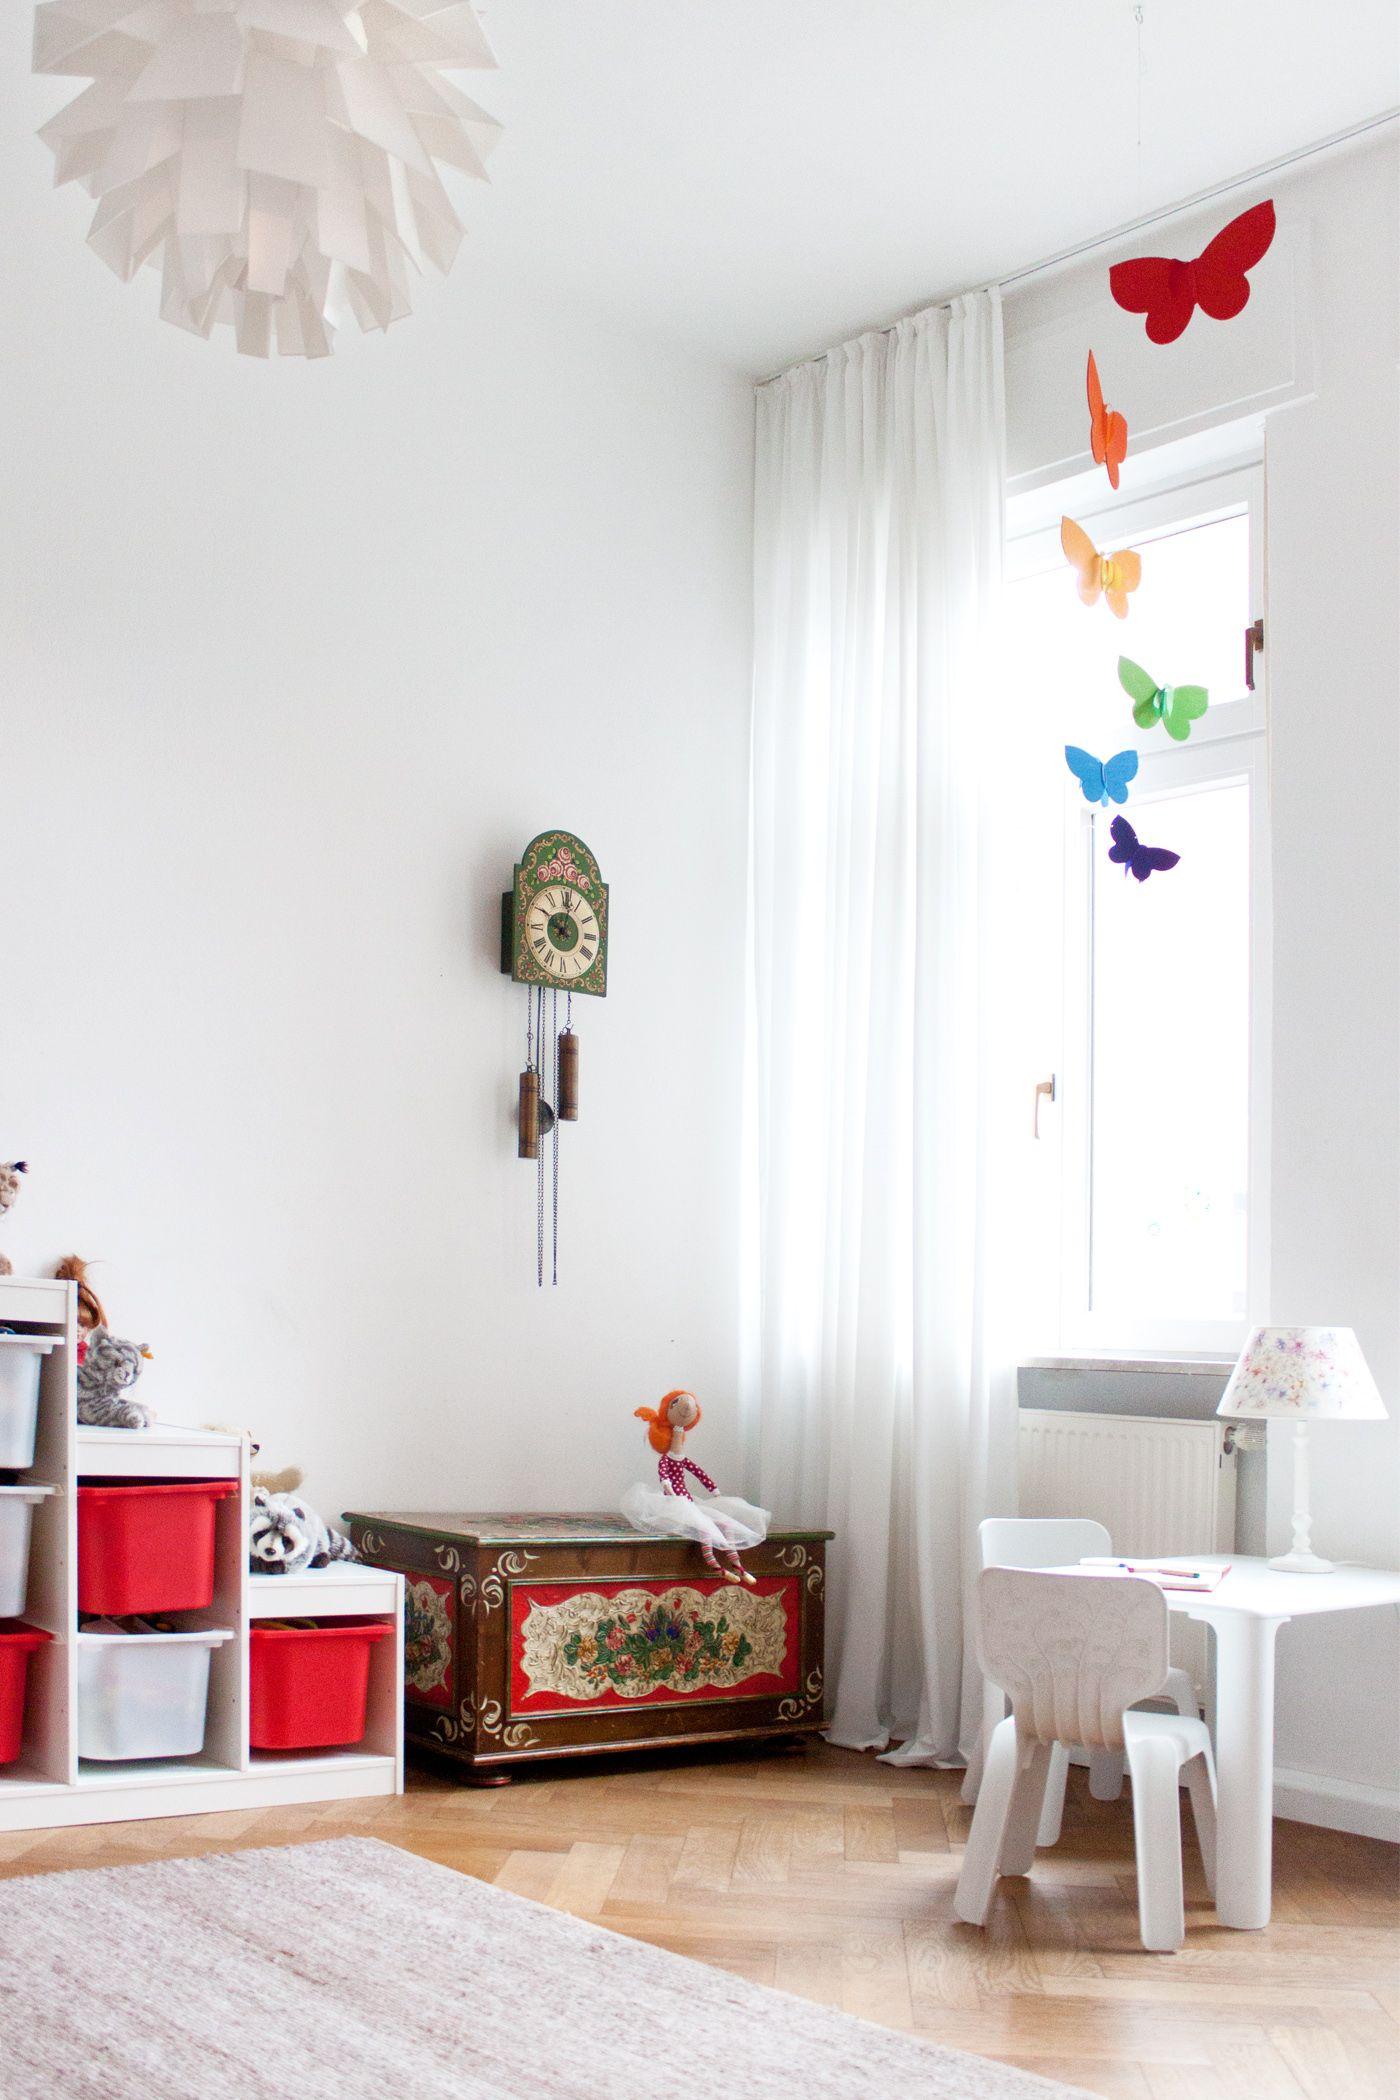 Interior: children's room / Kinderzimmer - antike Bauerntruhe - Normann Copenhagen - magis - ikea